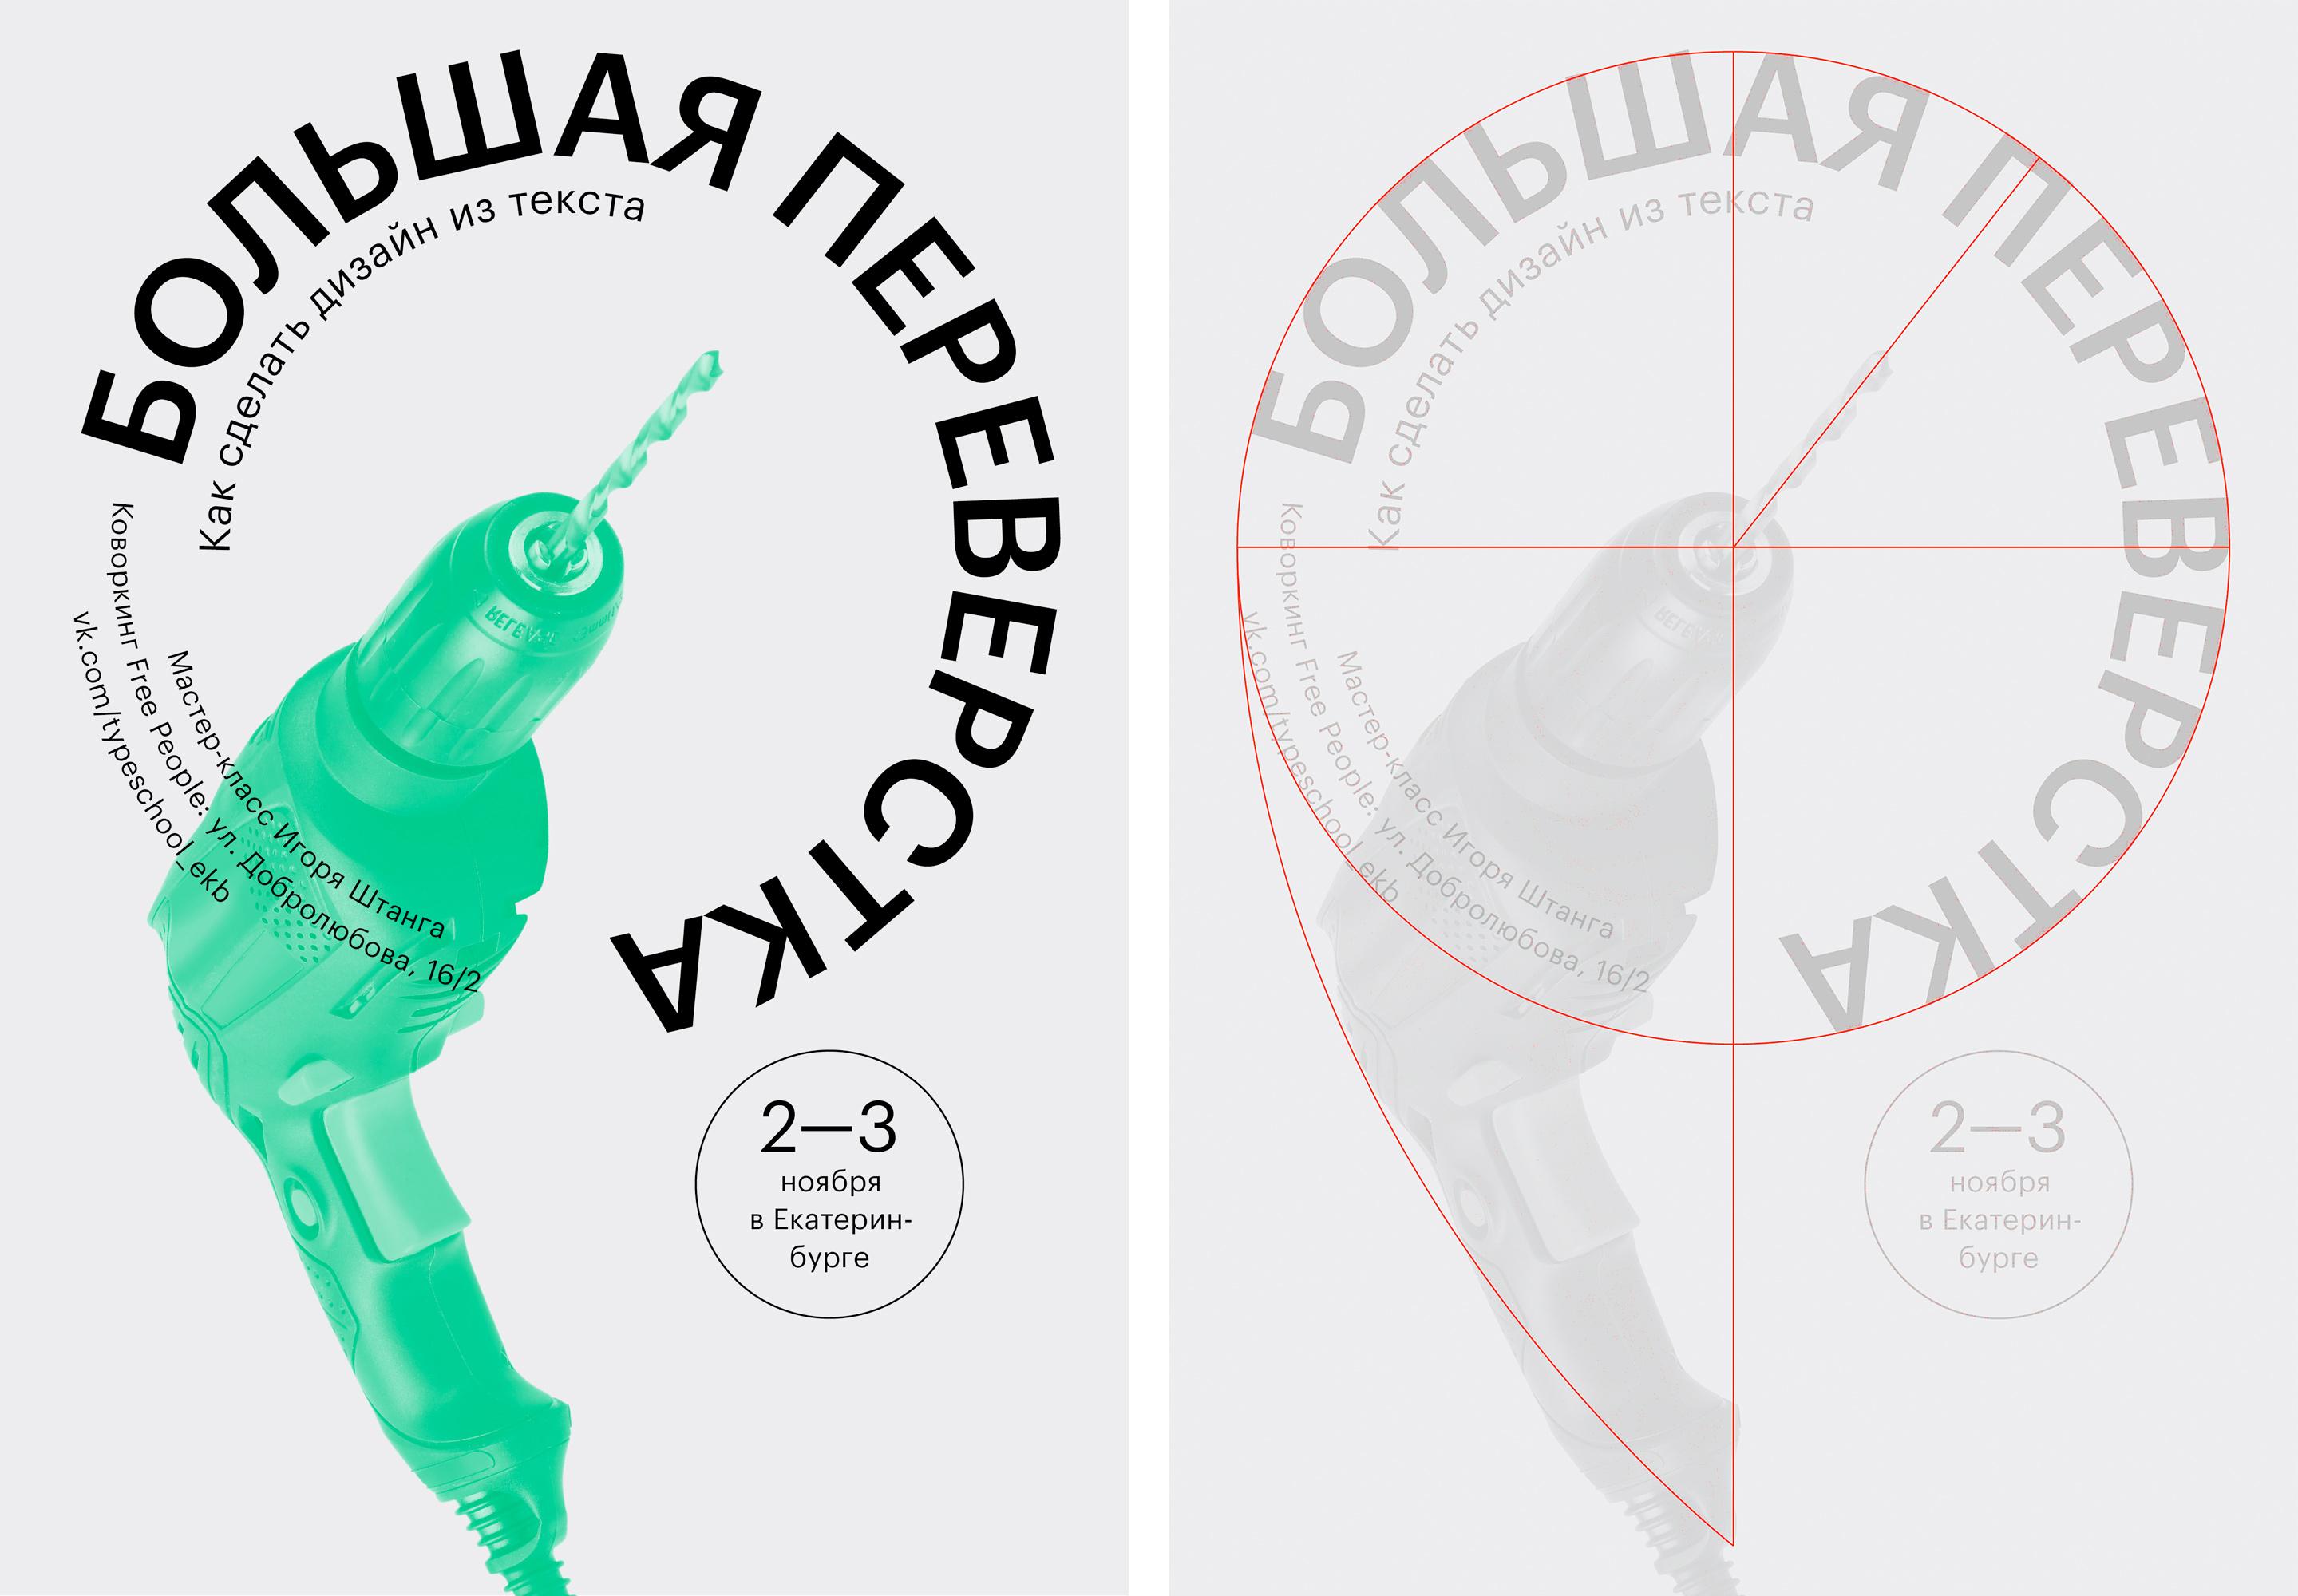 Мастер-класс «Большая переверстка» в Екатеринбурге